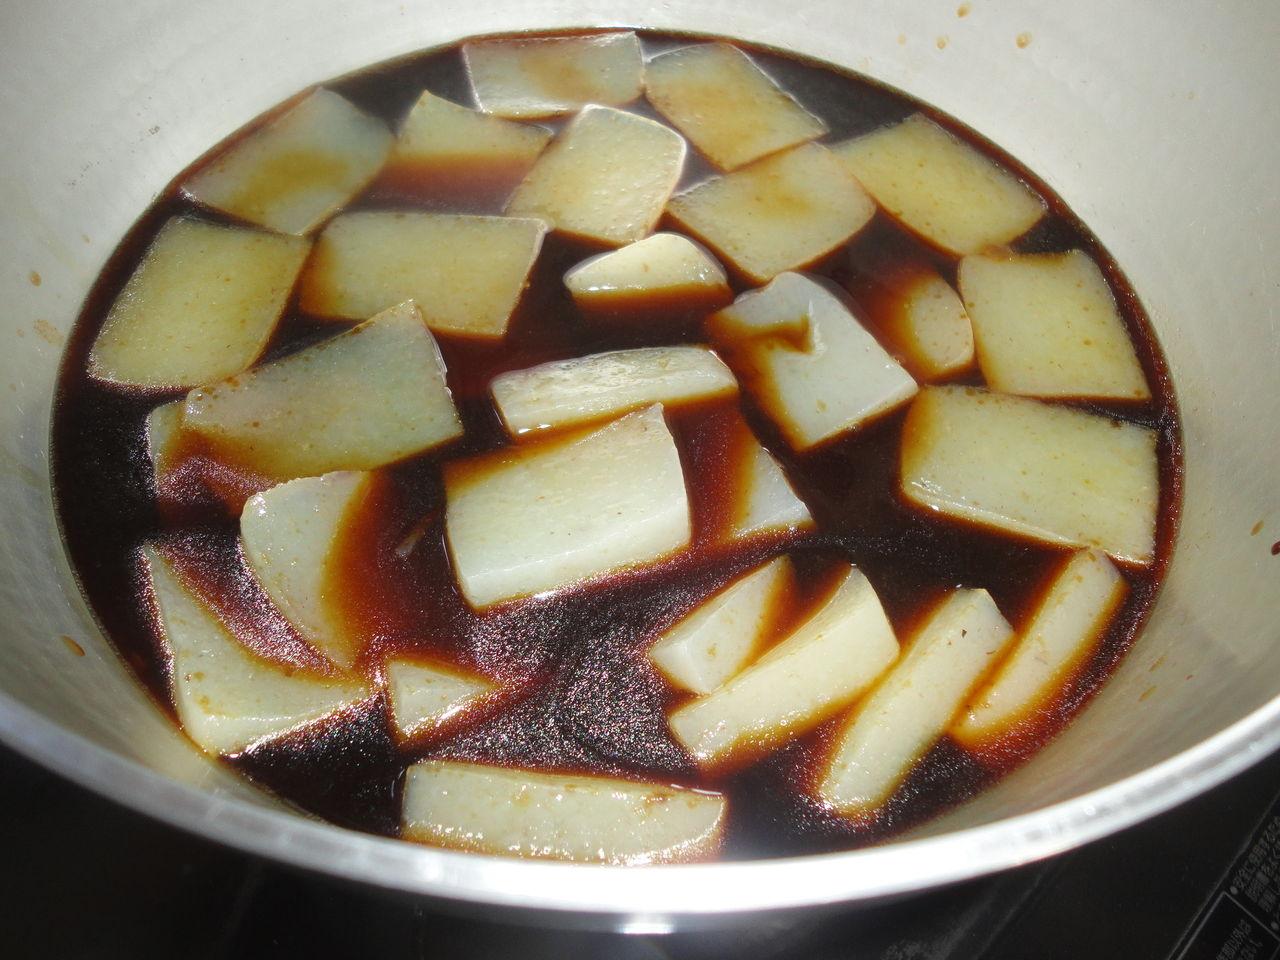 しょっぱい 煮物 こんなやり方があった!料理でよくある失敗を挽回する方法いろいろ